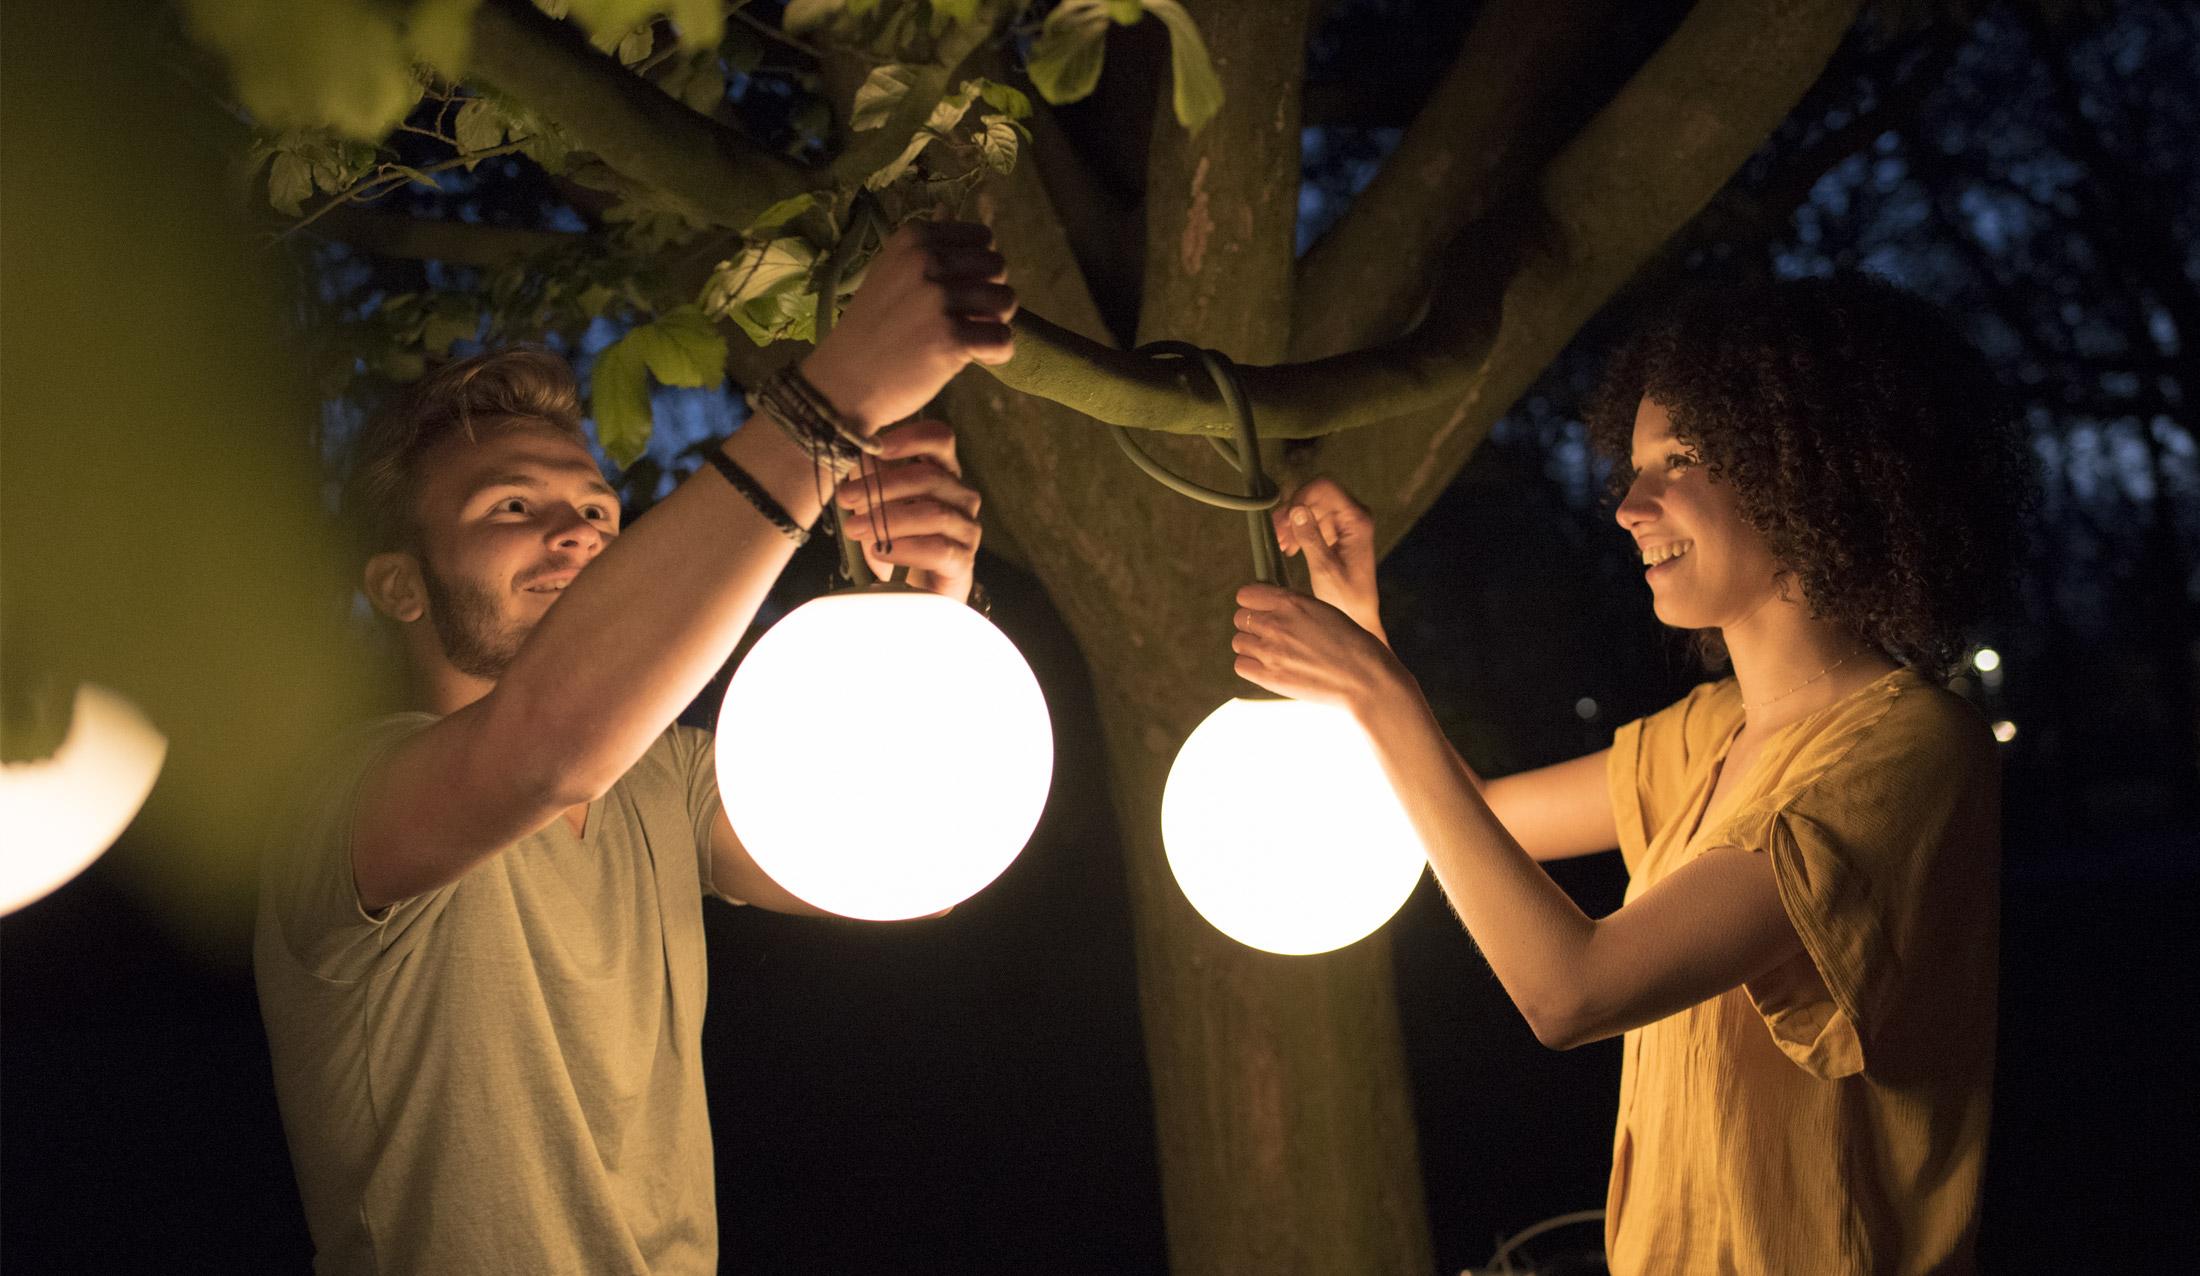 außenbeleuchtung: led-outdoor lampe für garten & balkon | fatboy